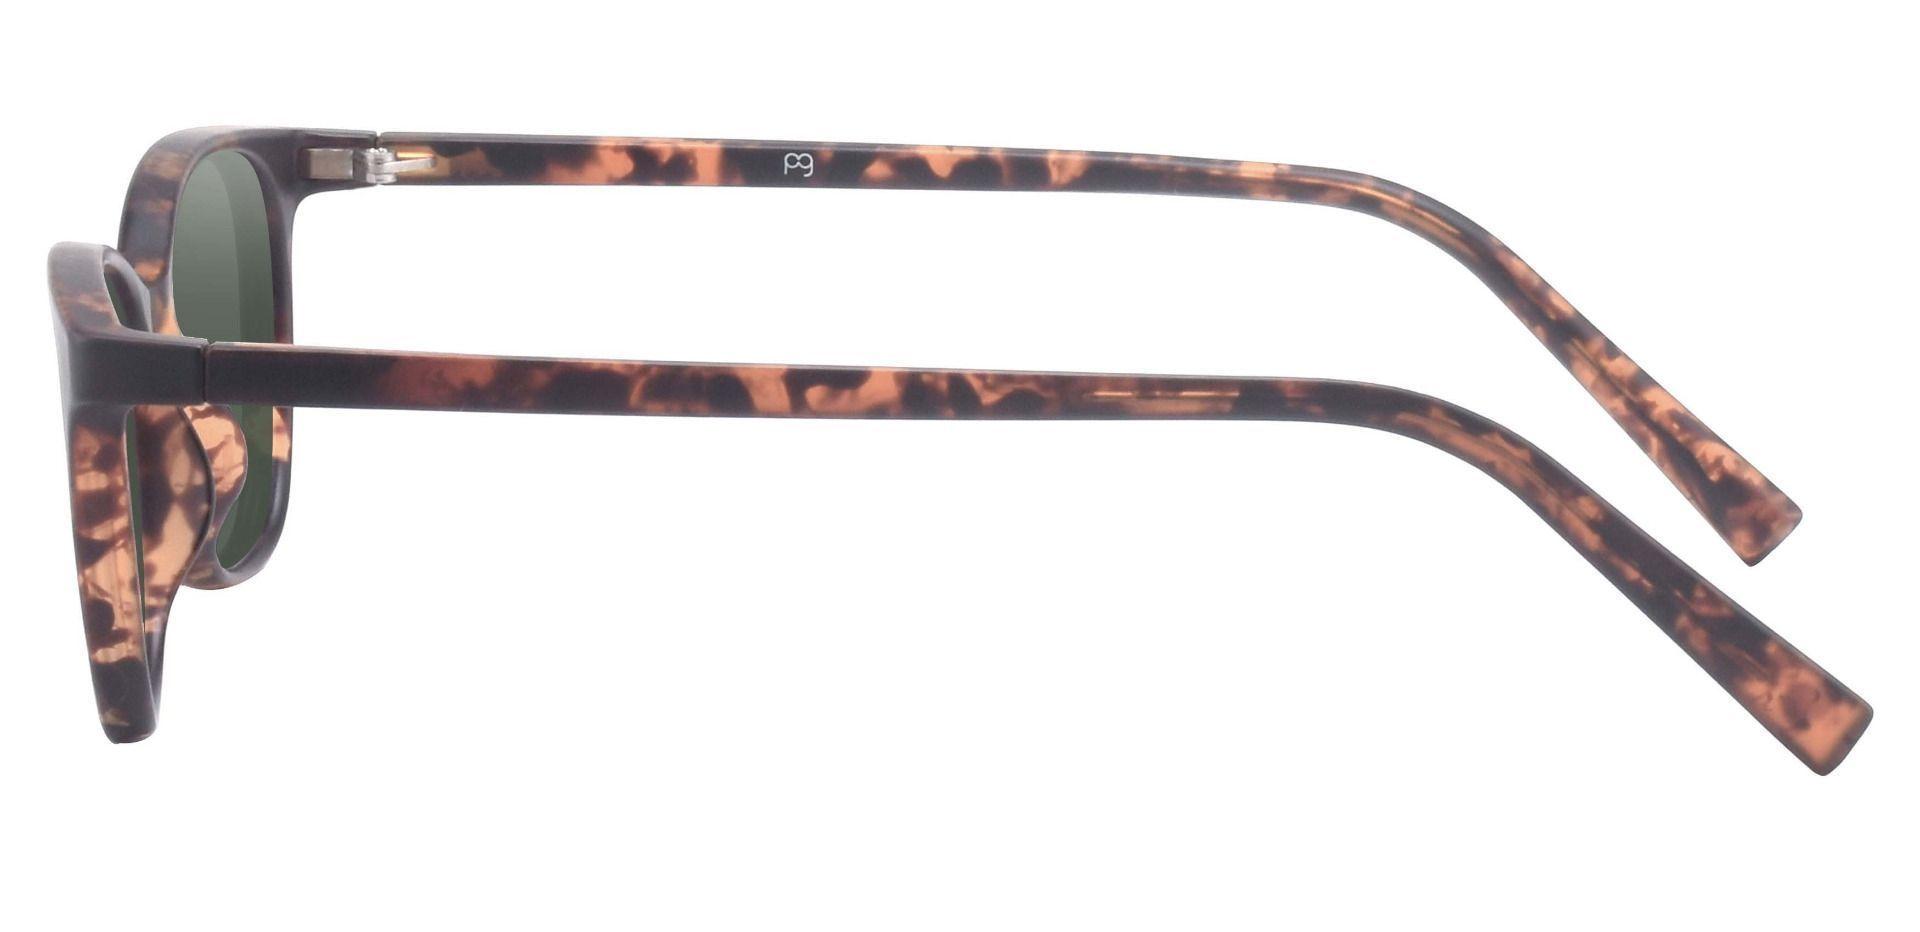 Sasha Classic Square Prescription Sunglasses - Tortoise Frame With Green Lenses